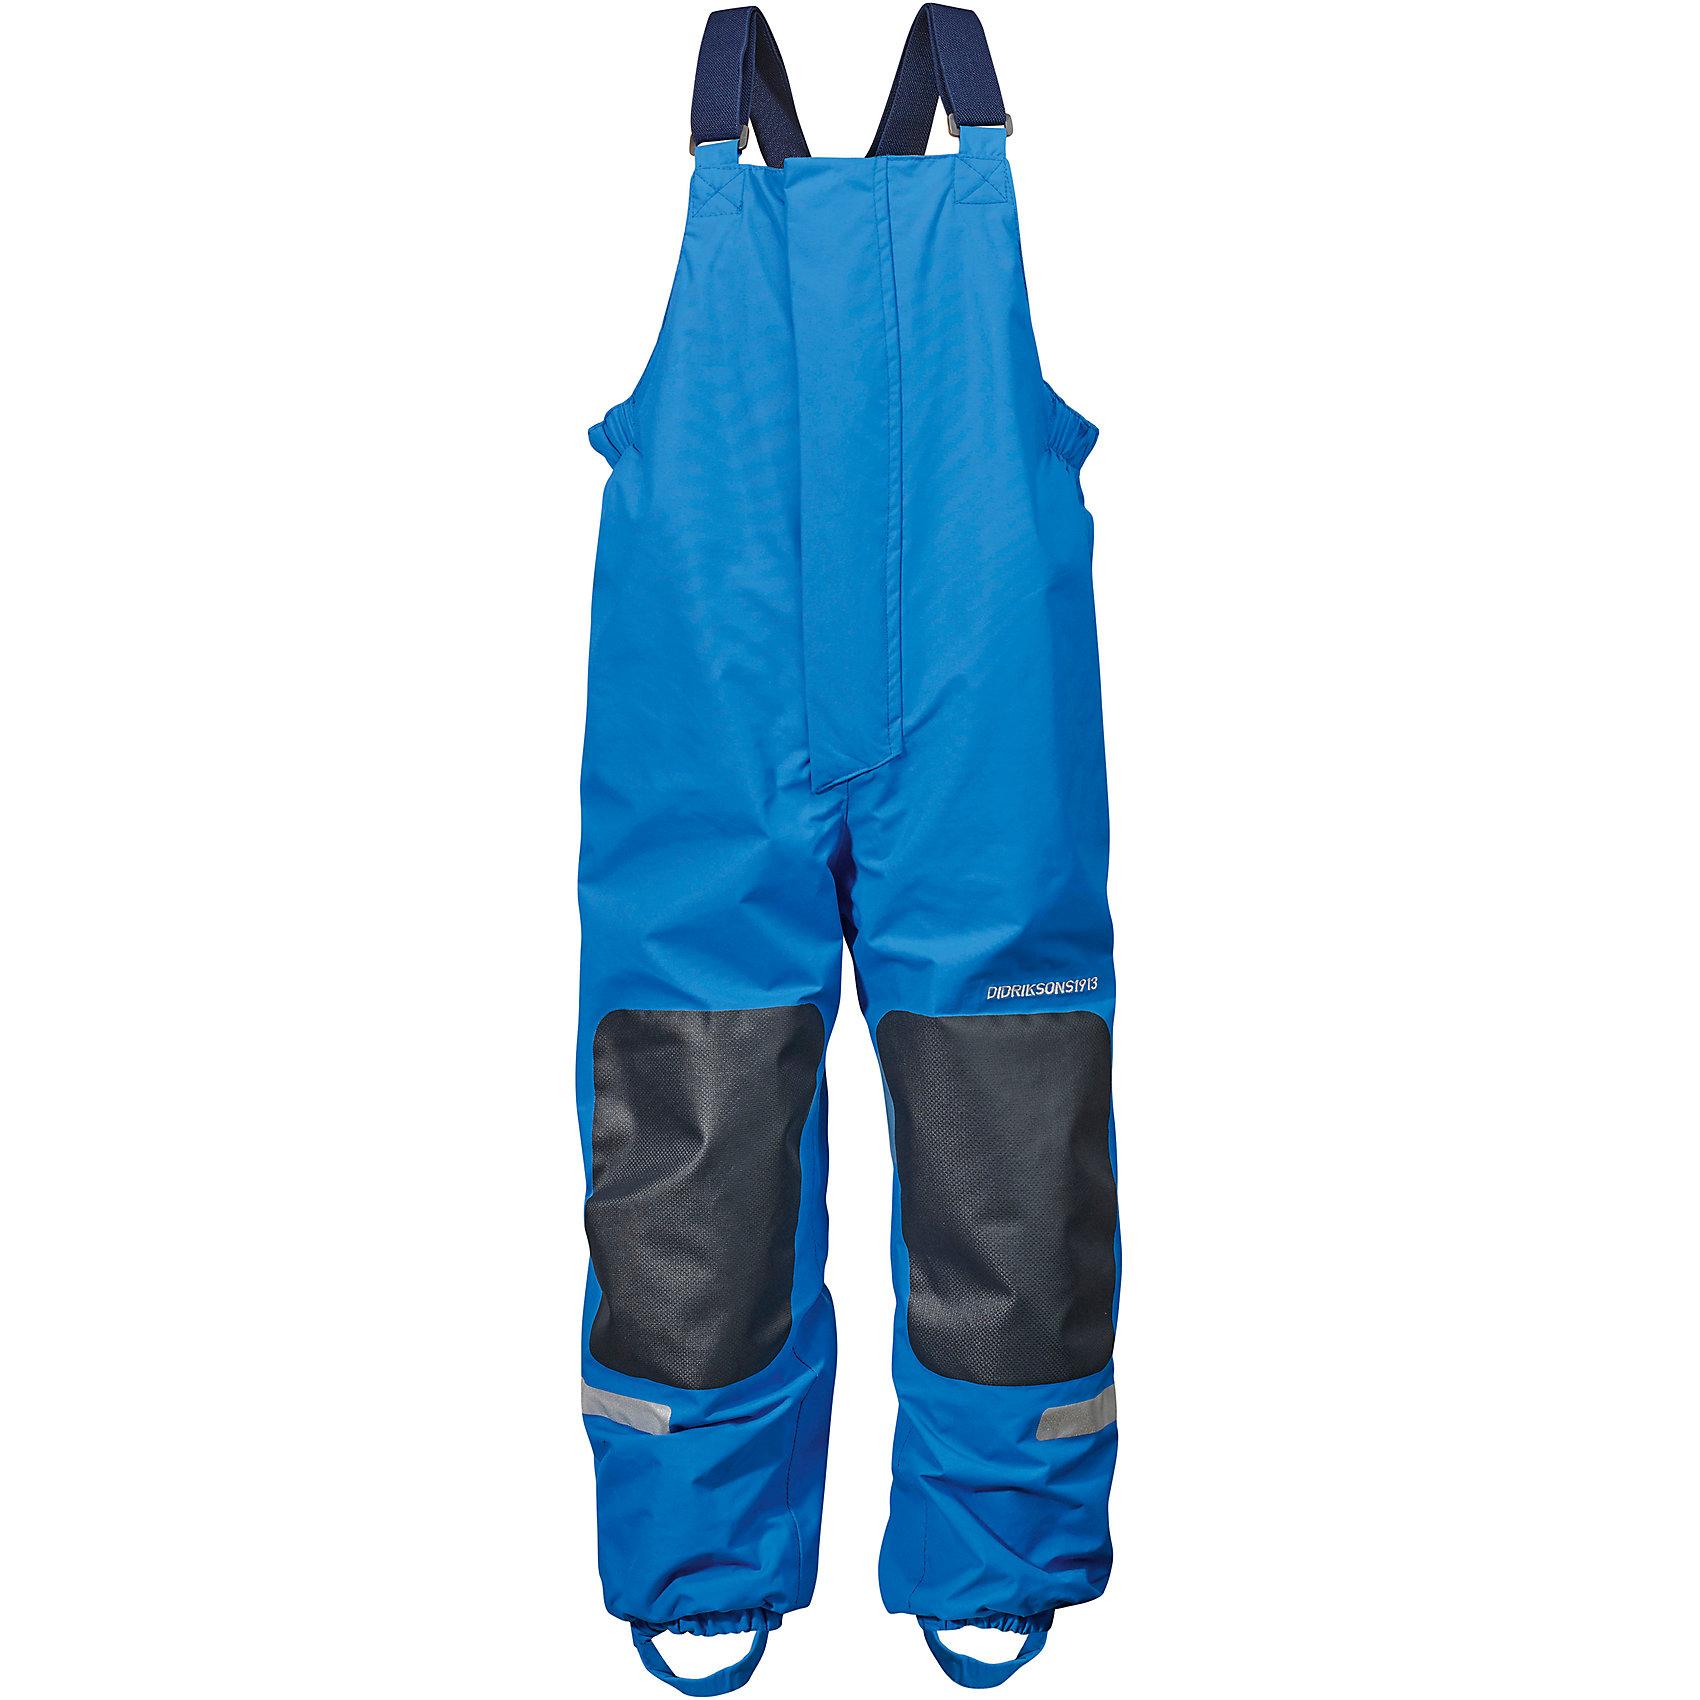 Непромокаемые брюки CHANING для мальчика DIDRIKSONSВерхняя одежда<br>Брюки из непромокаемой и непродуваемой мембранной ткани. Все швы проклеены, что обеспечивает максимальную защиту от внешней влаги. Подкладка из полиэстера. Молния под планкой. Несъемные лямки. Регулируемые резинки для обуви.  Светоотражатели. Модель растет вместе с ребенком: уникальный крой изделия позволяет при необходимости увеличить длину штанин на один размер, распустив специальный внутренний шов. Практичная демисезонная модель - идеальный вариант для прогулок на свежем воздухе в весеннюю или осеннюю пору.  <br>Состав:<br>Верх - 100% полиамид, подкладка - 100% полиэстер<br><br>Ширина мм: 215<br>Глубина мм: 88<br>Высота мм: 191<br>Вес г: 336<br>Цвет: голубой<br>Возраст от месяцев: 96<br>Возраст до месяцев: 108<br>Пол: Мужской<br>Возраст: Детский<br>Размер: 130,120,140<br>SKU: 5527234